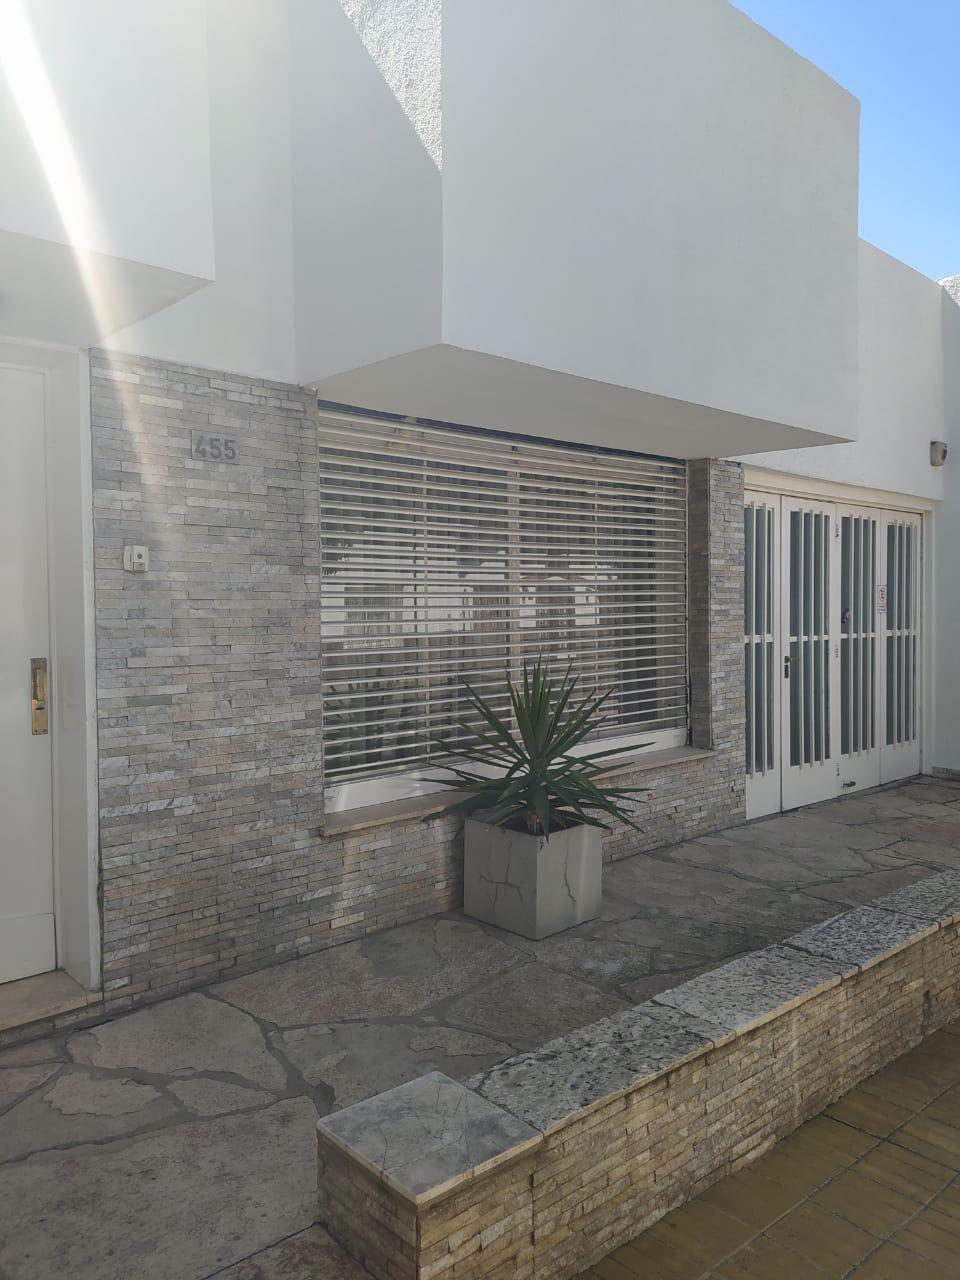 Lavalle 455 - Gaggiotti Inmobiliaria cuenta con más de 50 años desde que se inicio en el negocio de los servicios inmobiliarios.